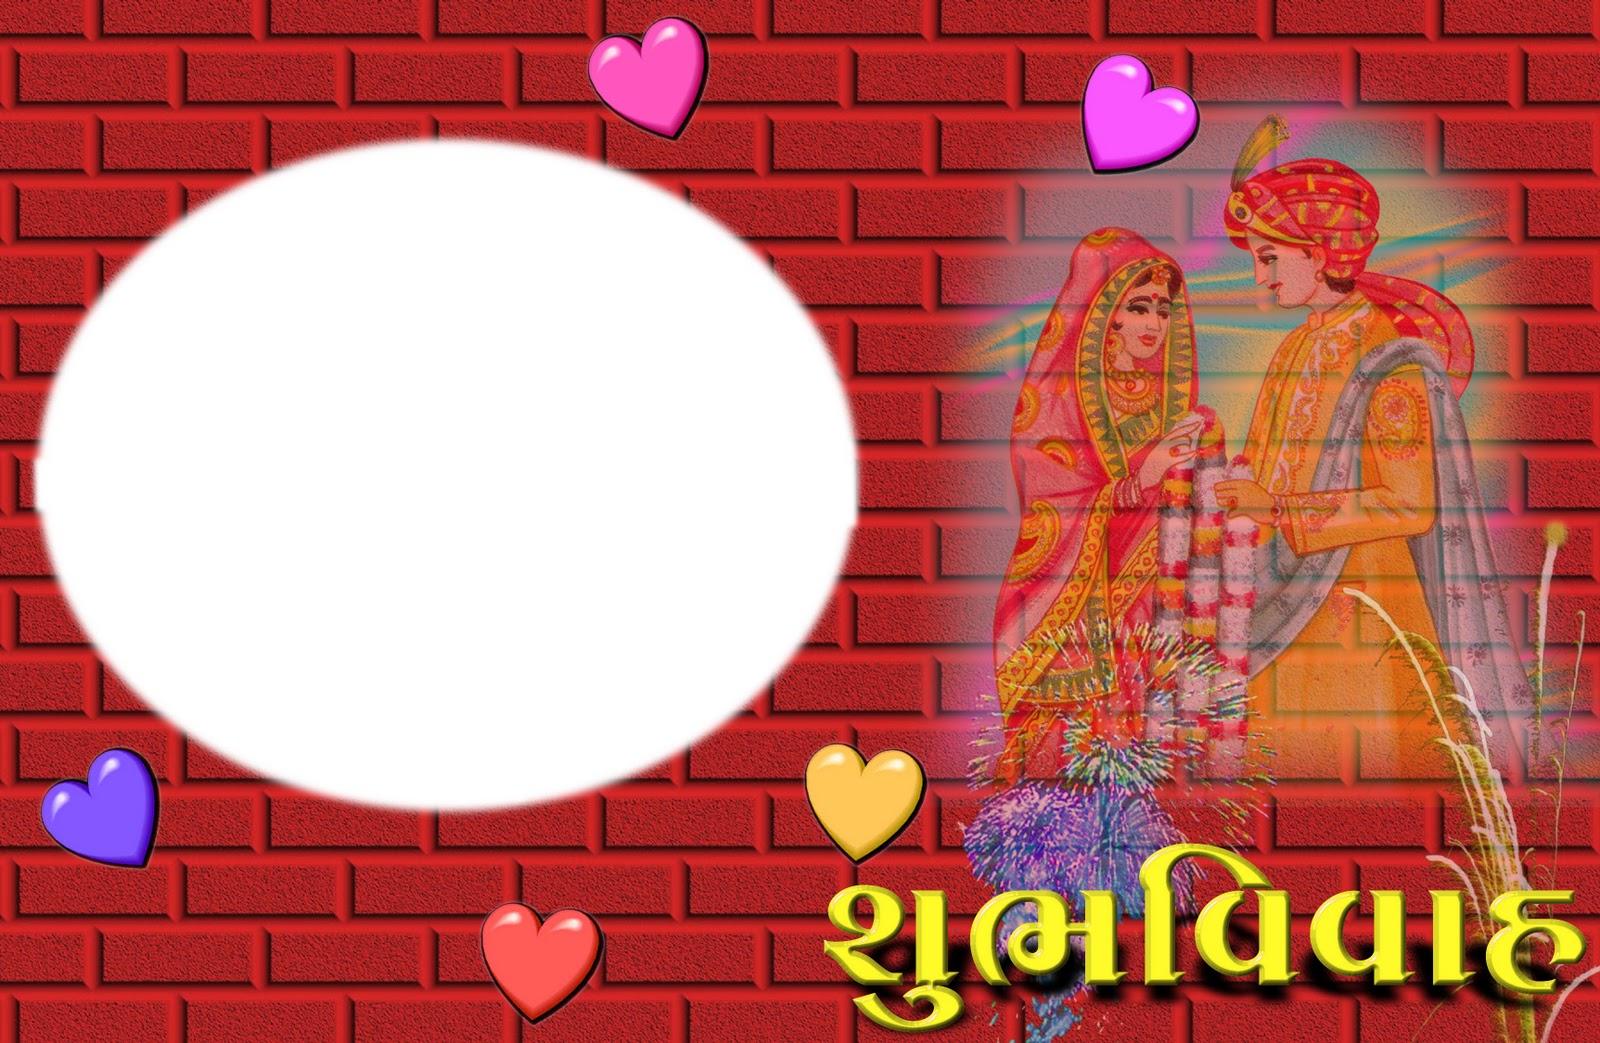 Poster design online free download - Wedding Frame For Album Designing Background Design Wedding Poster For Car Wedding Frame For Album